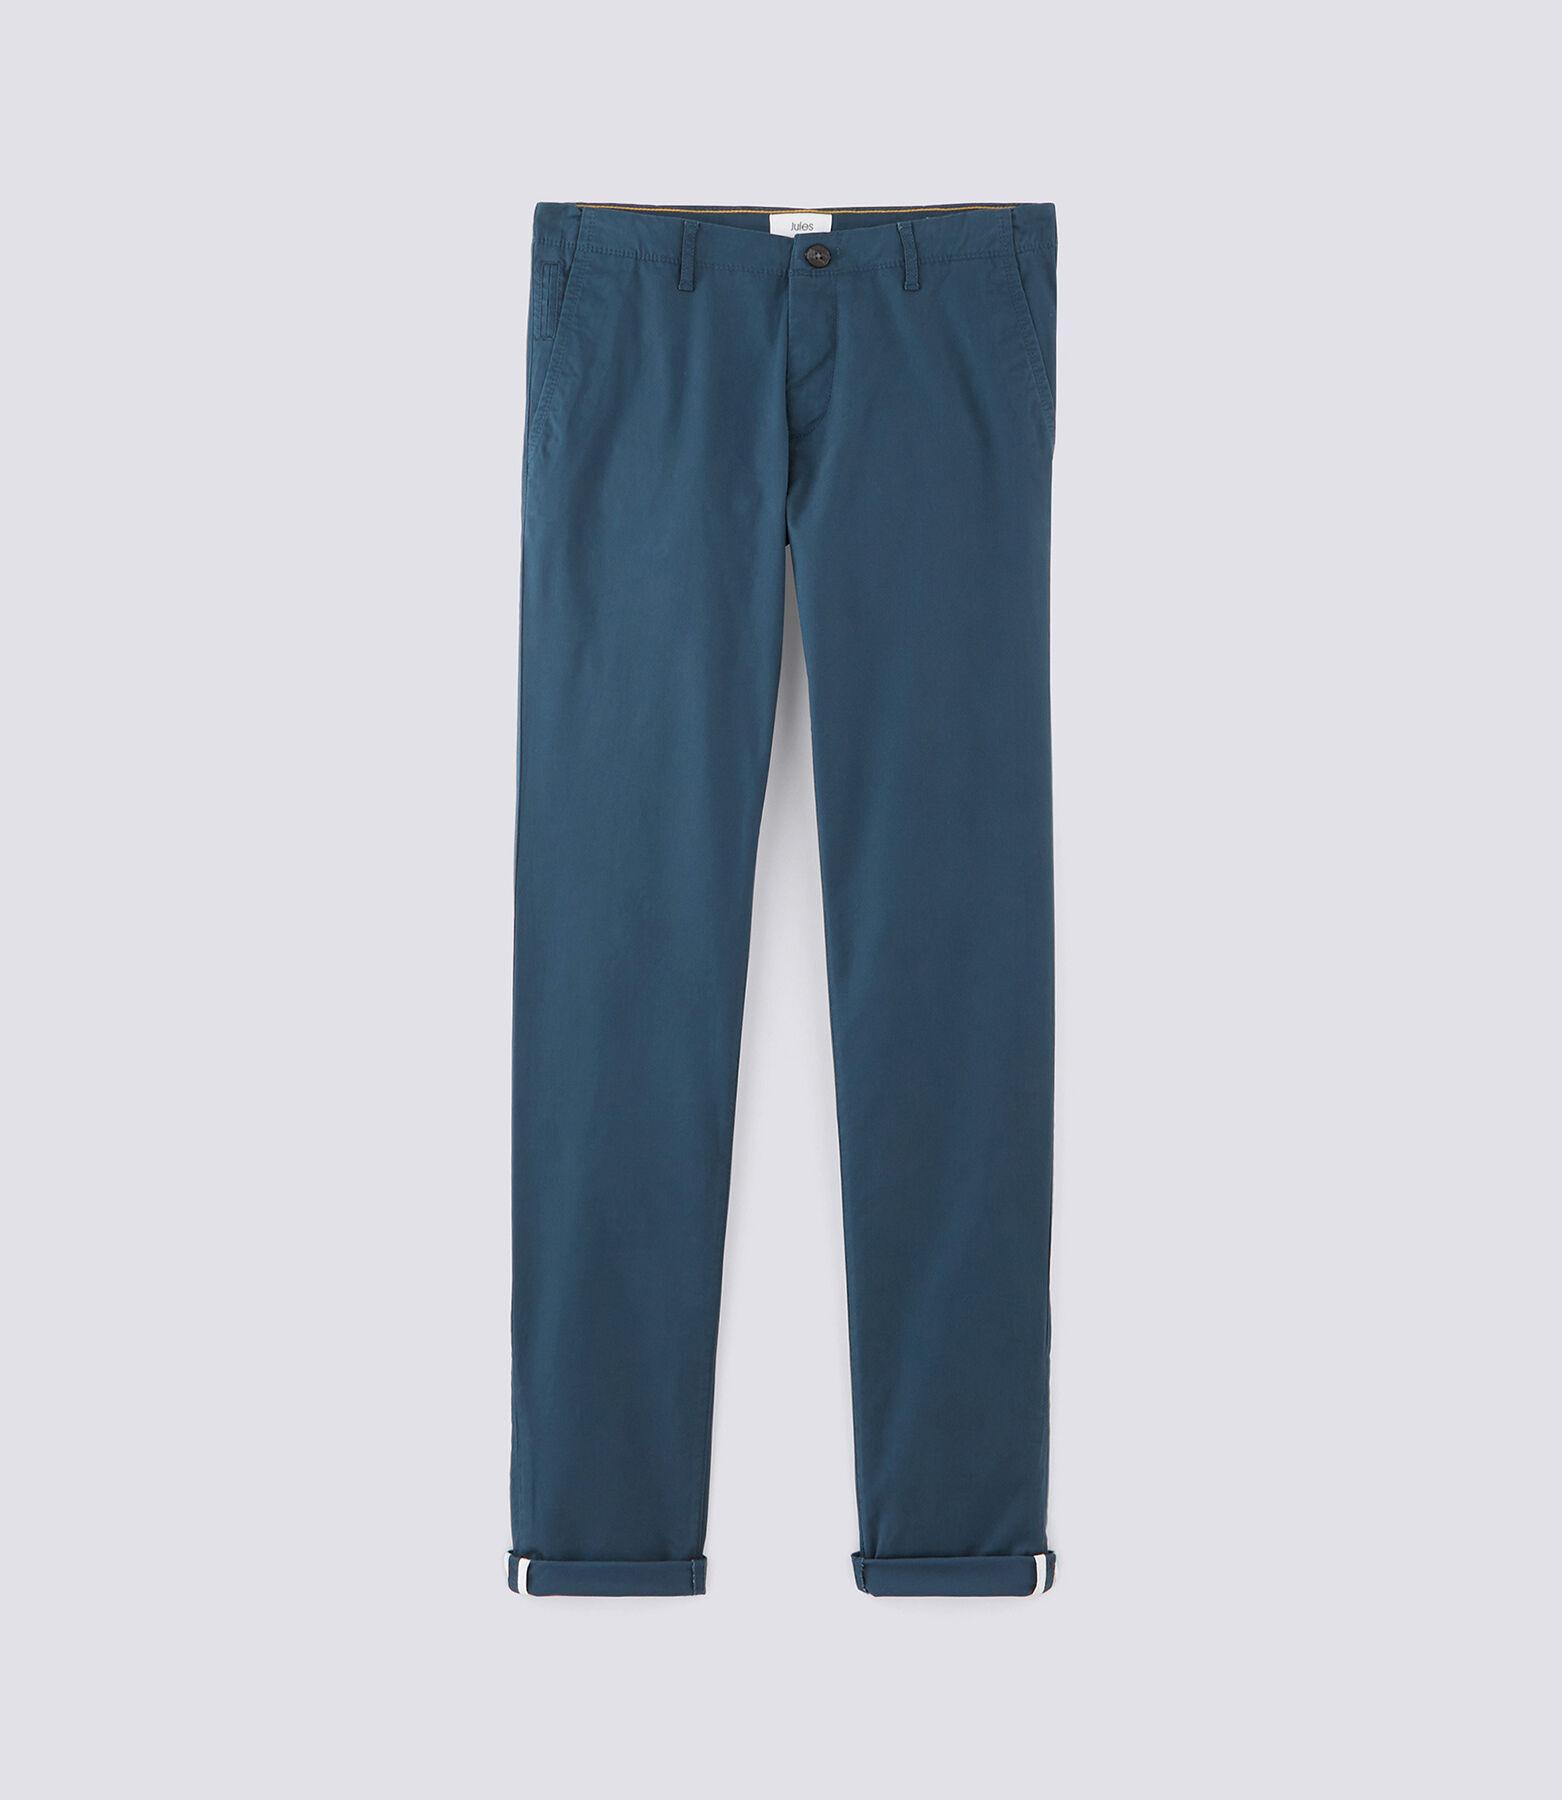 Pantalon Sportswear Bleu Petrole